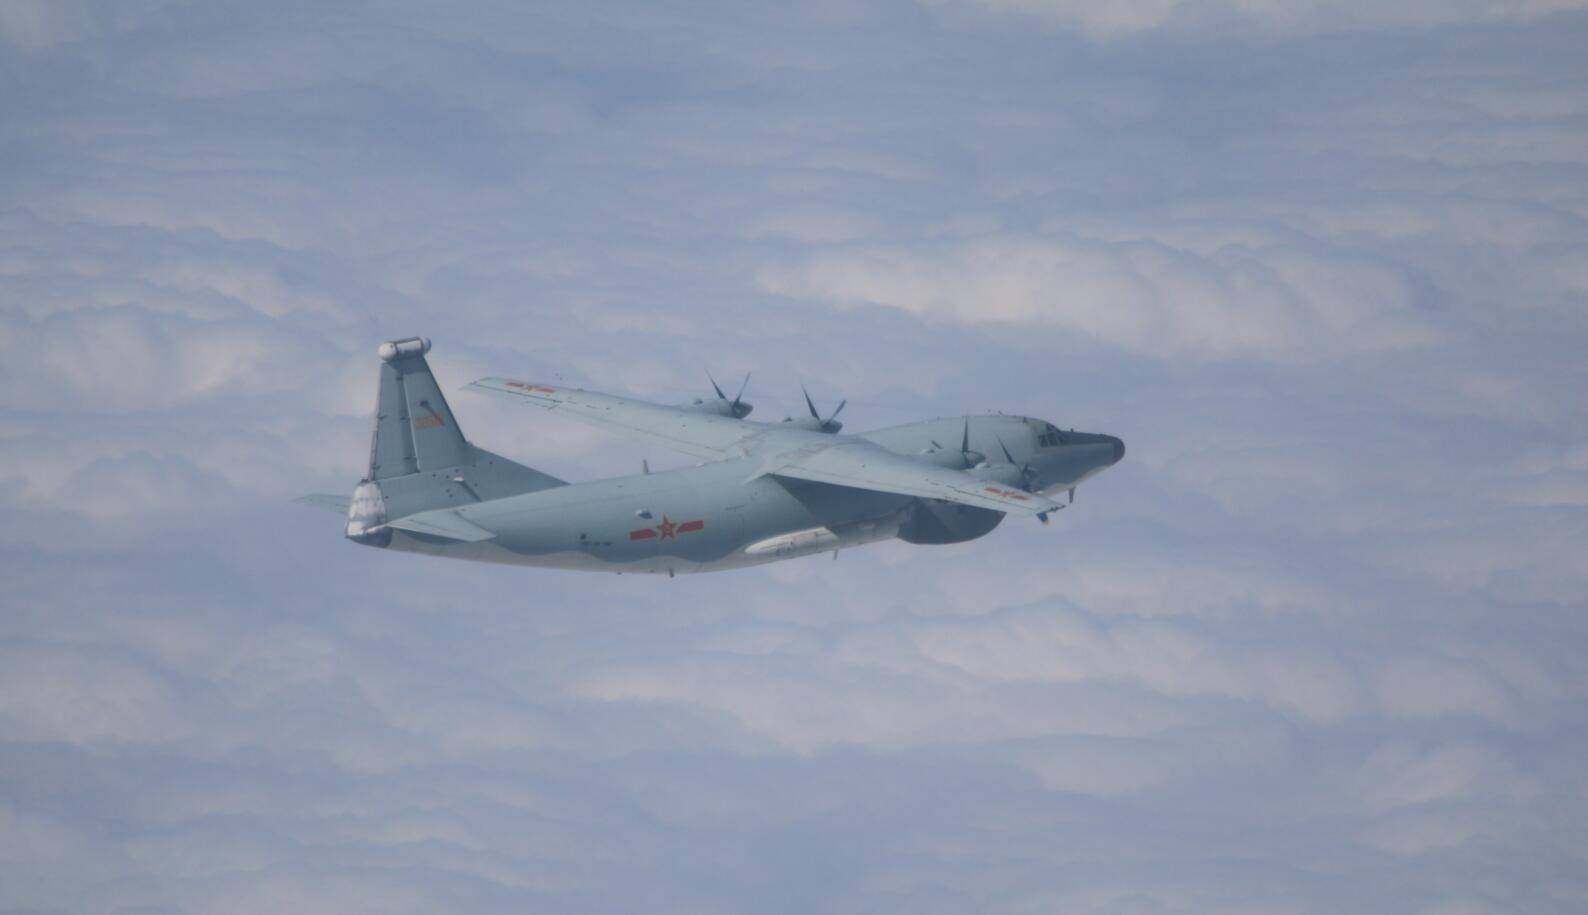 恒达官网台媒:11月第一天,解放军军机又进入台湾西南空域